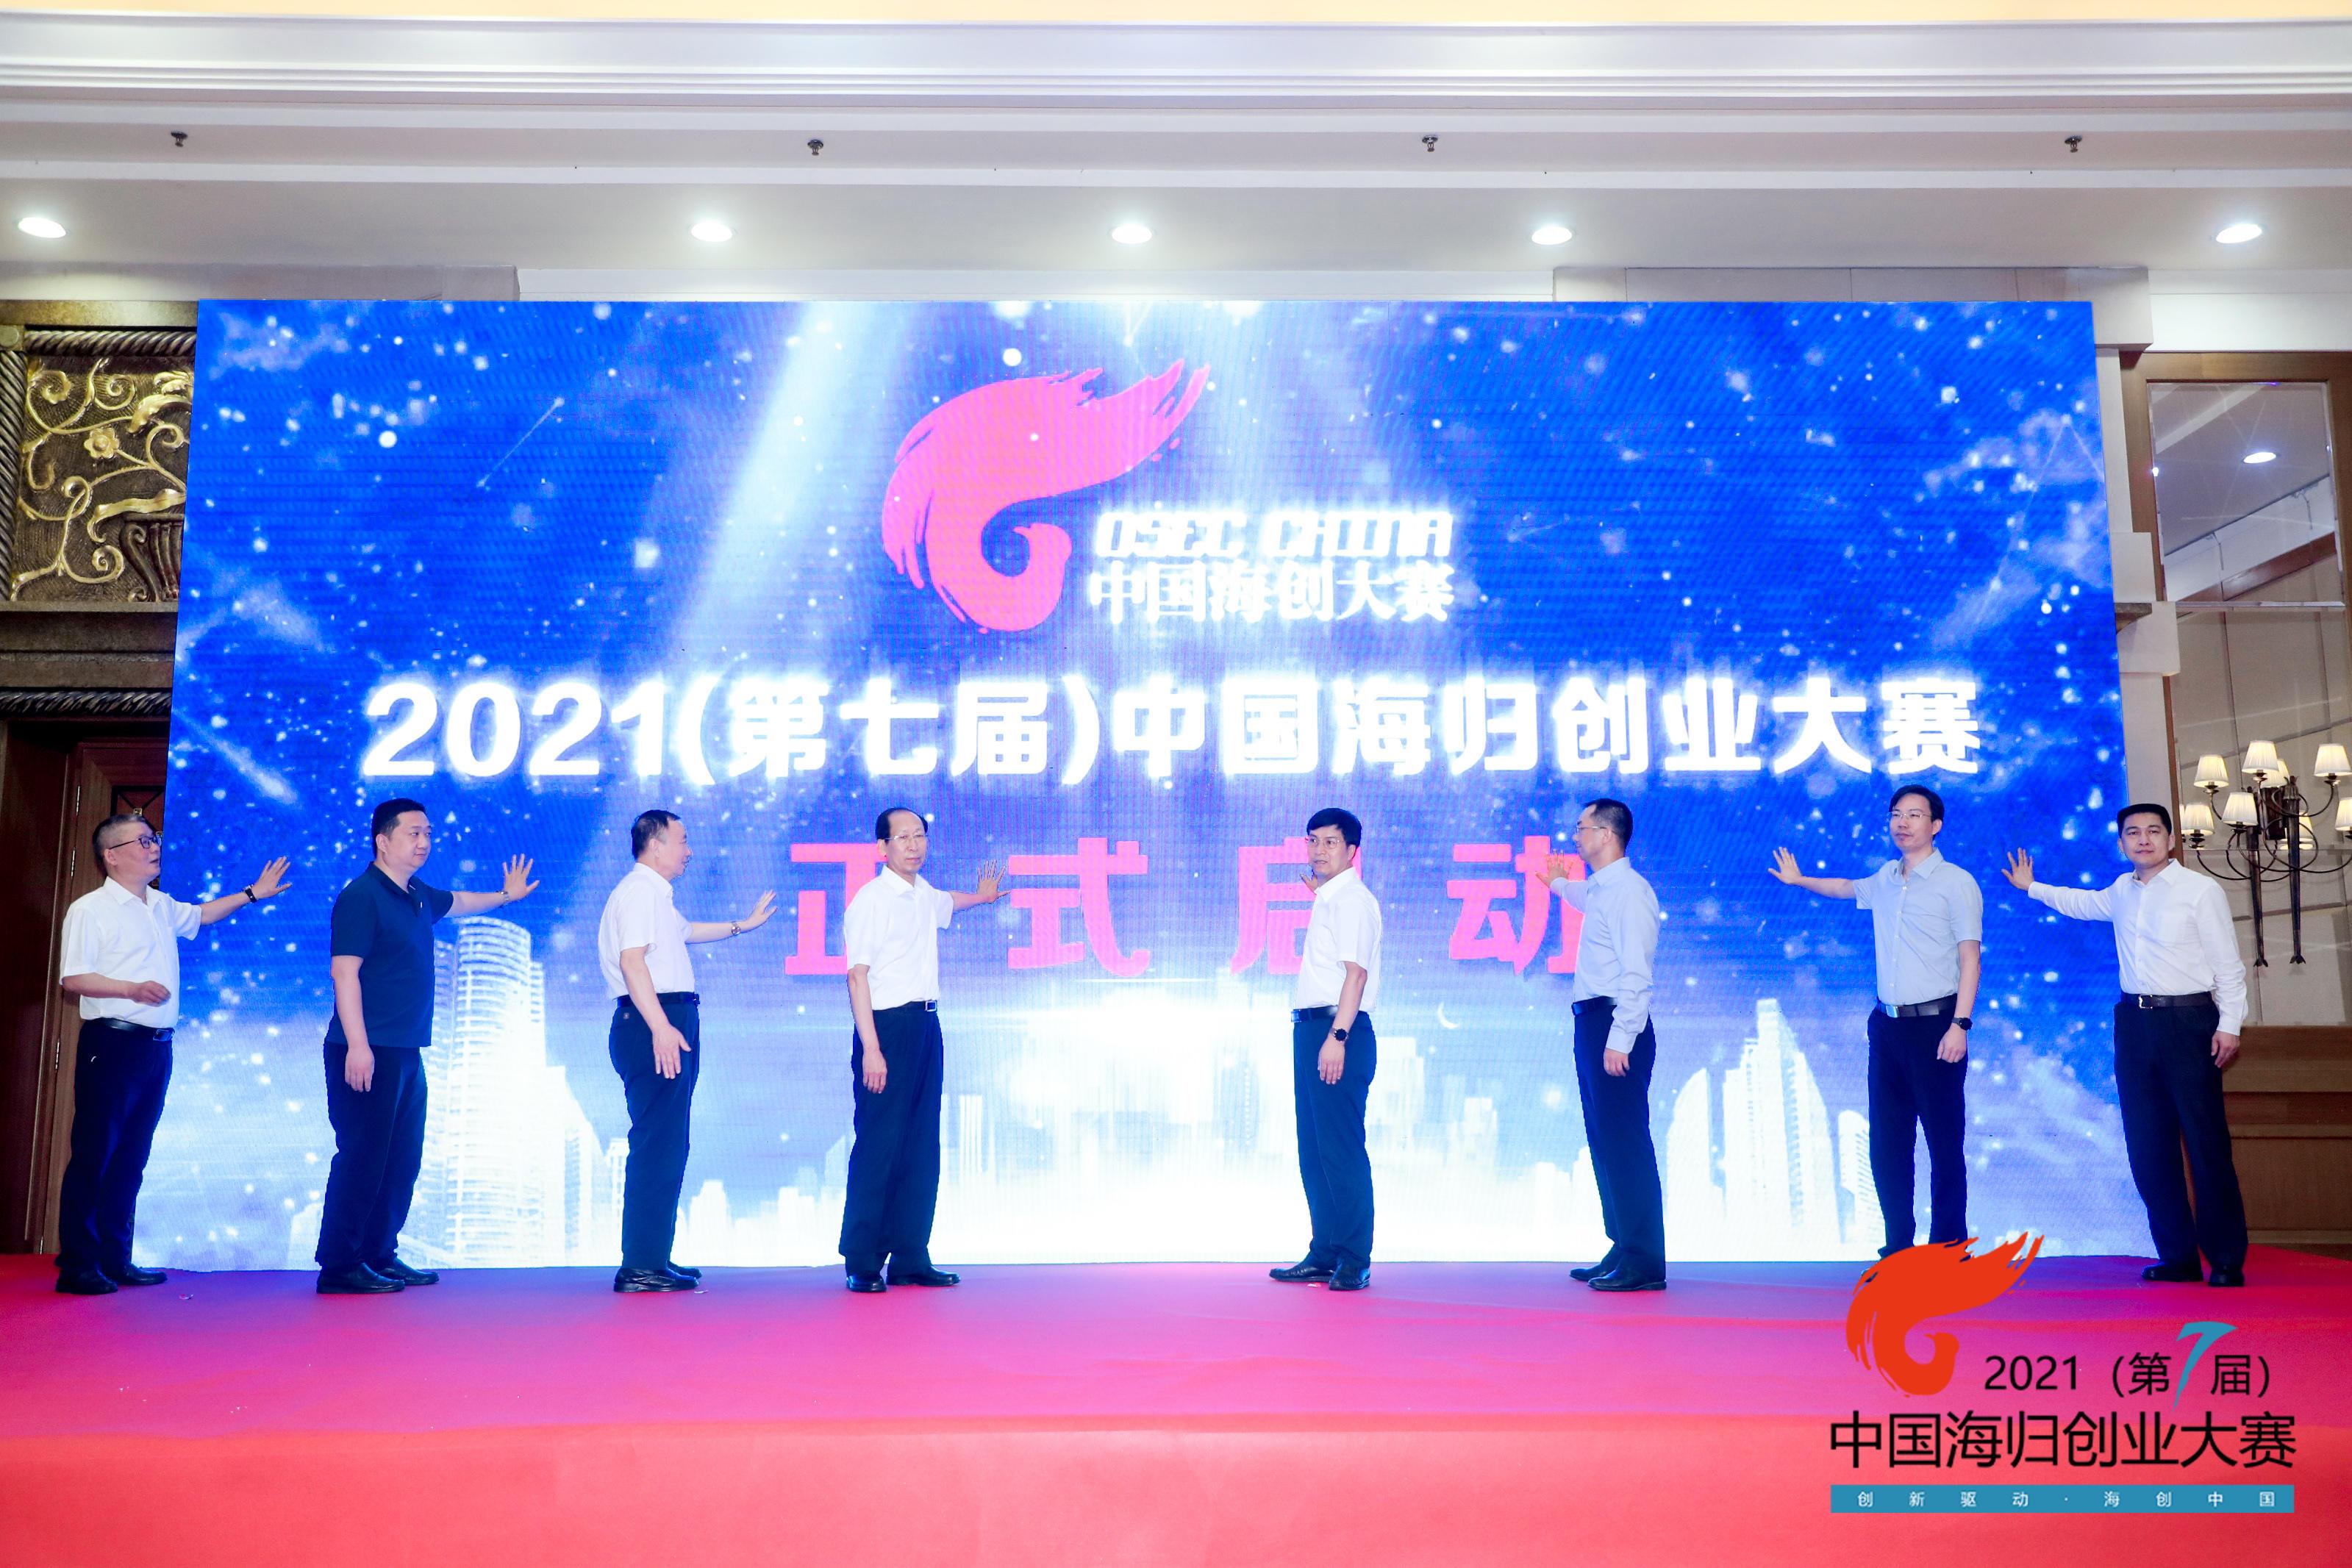 第七届中国海归创业大赛启动,助力区域经济发展